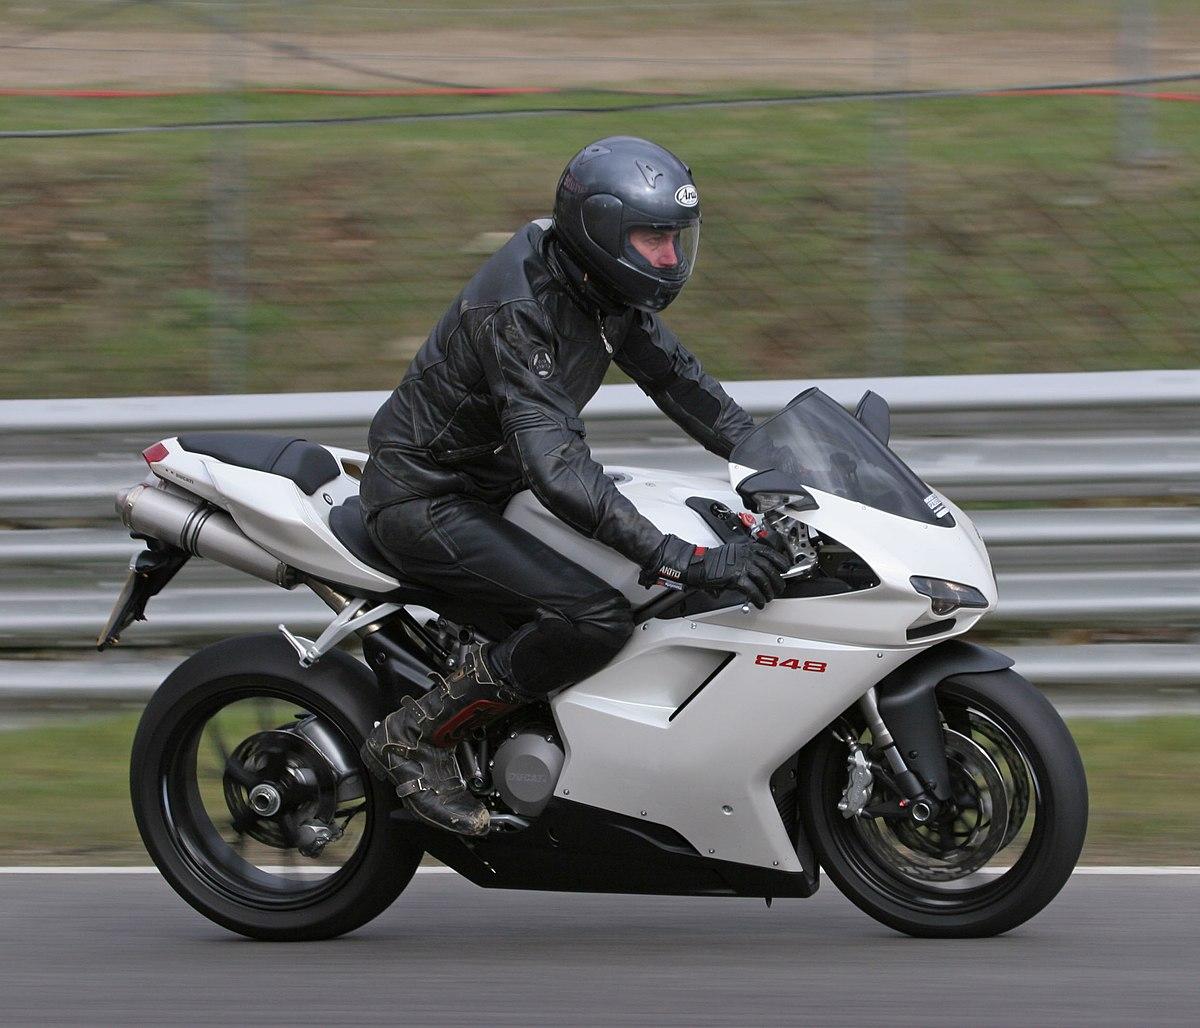 Ducati Monster Tall Rider Site Ducatimonsterforum